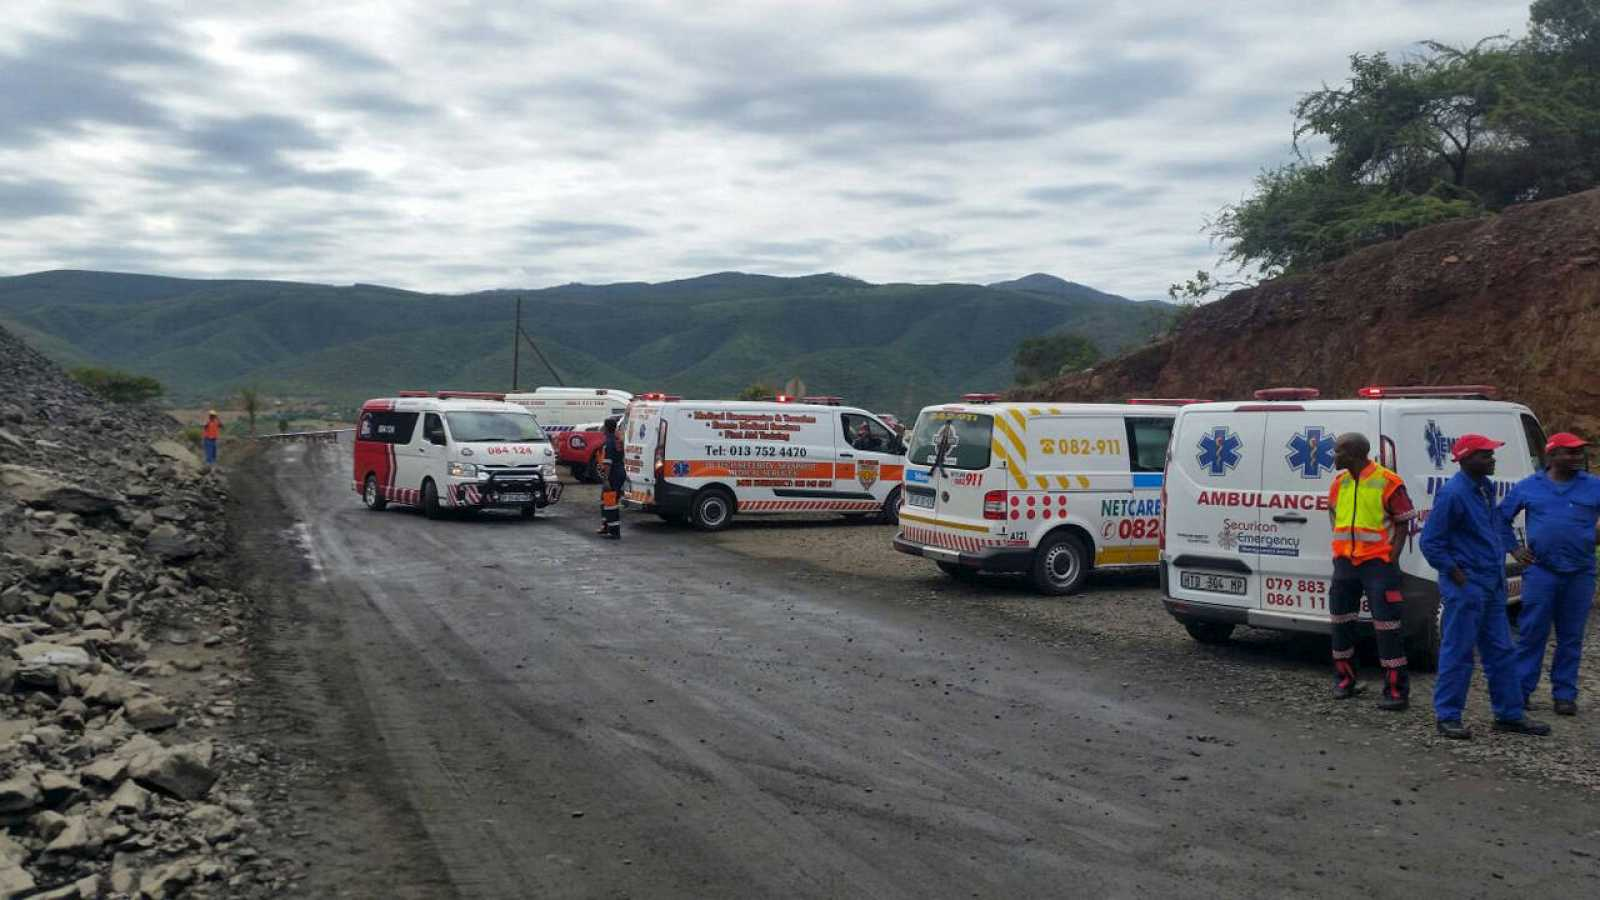 Vehículos de rescate y sanitarios junto a la mina siniestrada Lily, cerca de Barberton en Sudáfrica